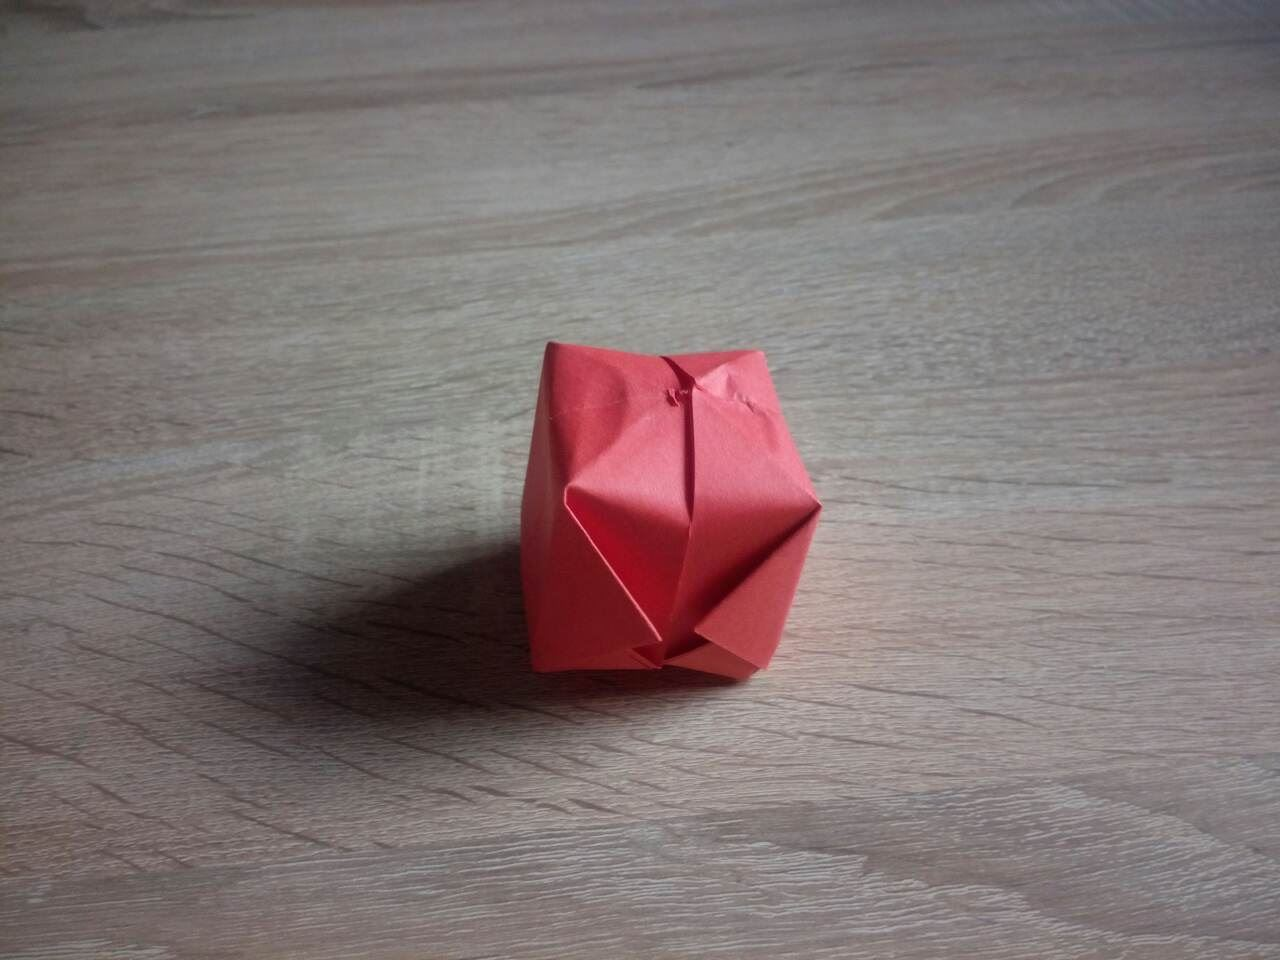 Получился вот такой бумажный кубик. До новых встреч, друзья:)